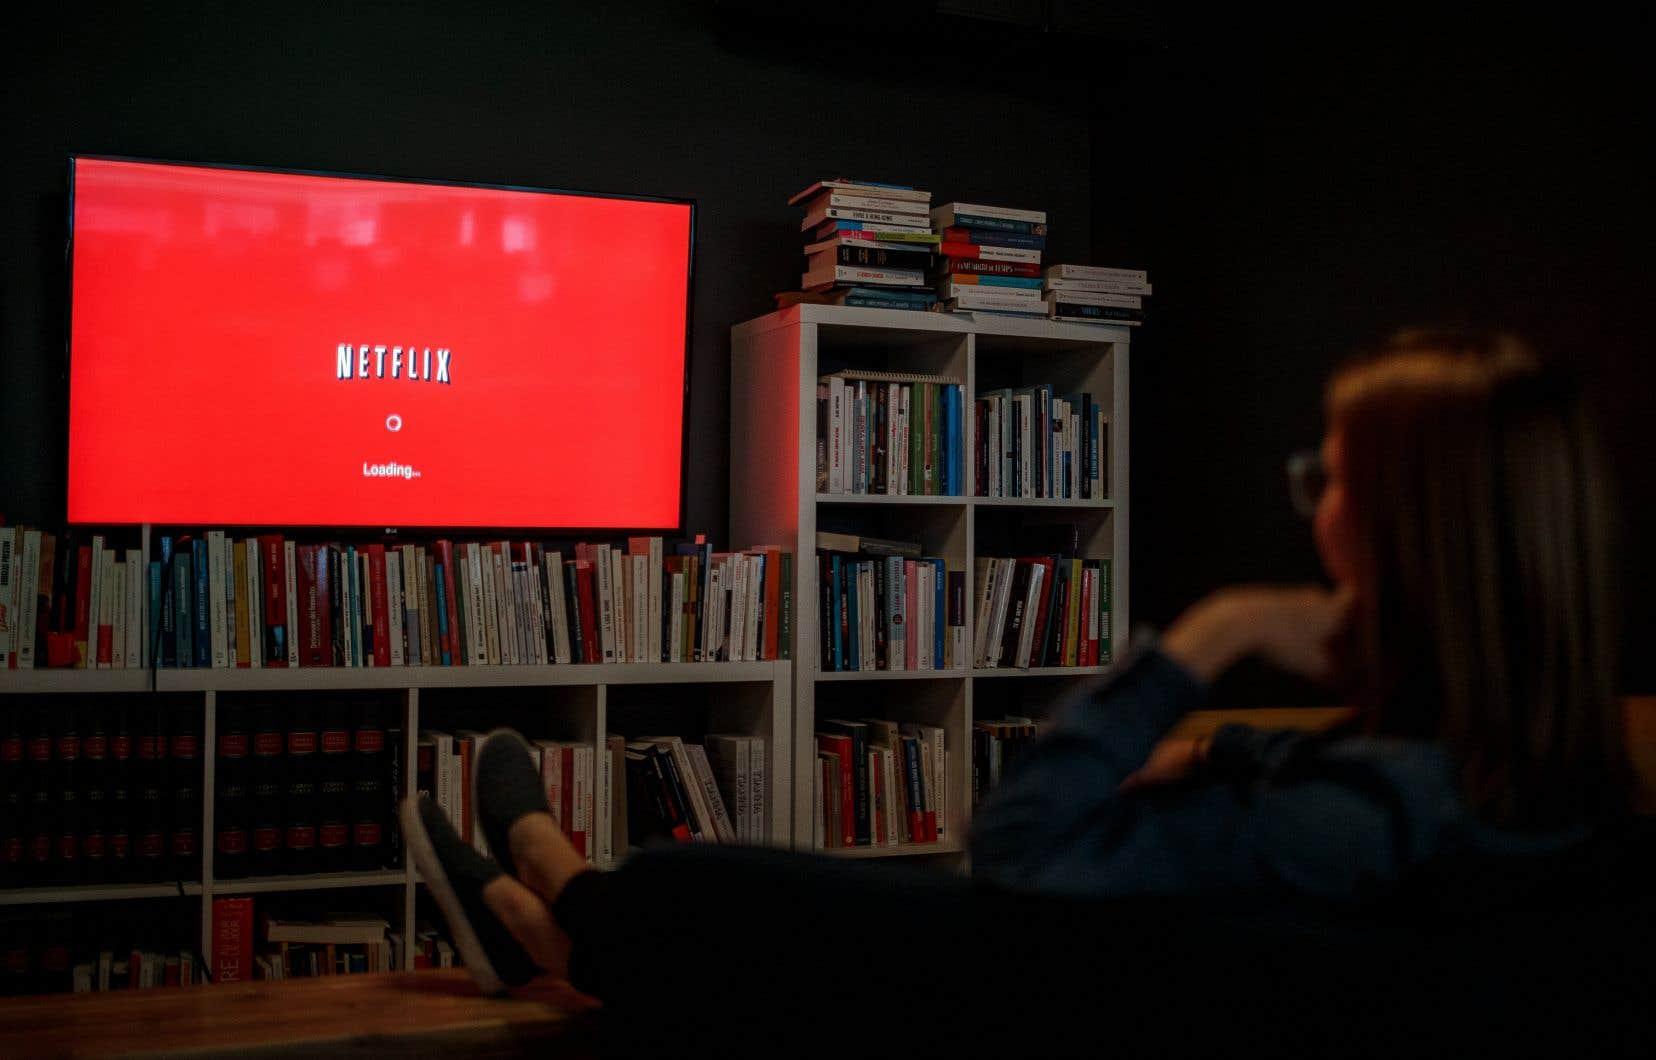 Le gouvernement fédéral ne veut rien savoir d'obliger les plateformes étrangères comme Netflix à percevoir la TVQ sur les produits qu'elles offrent.